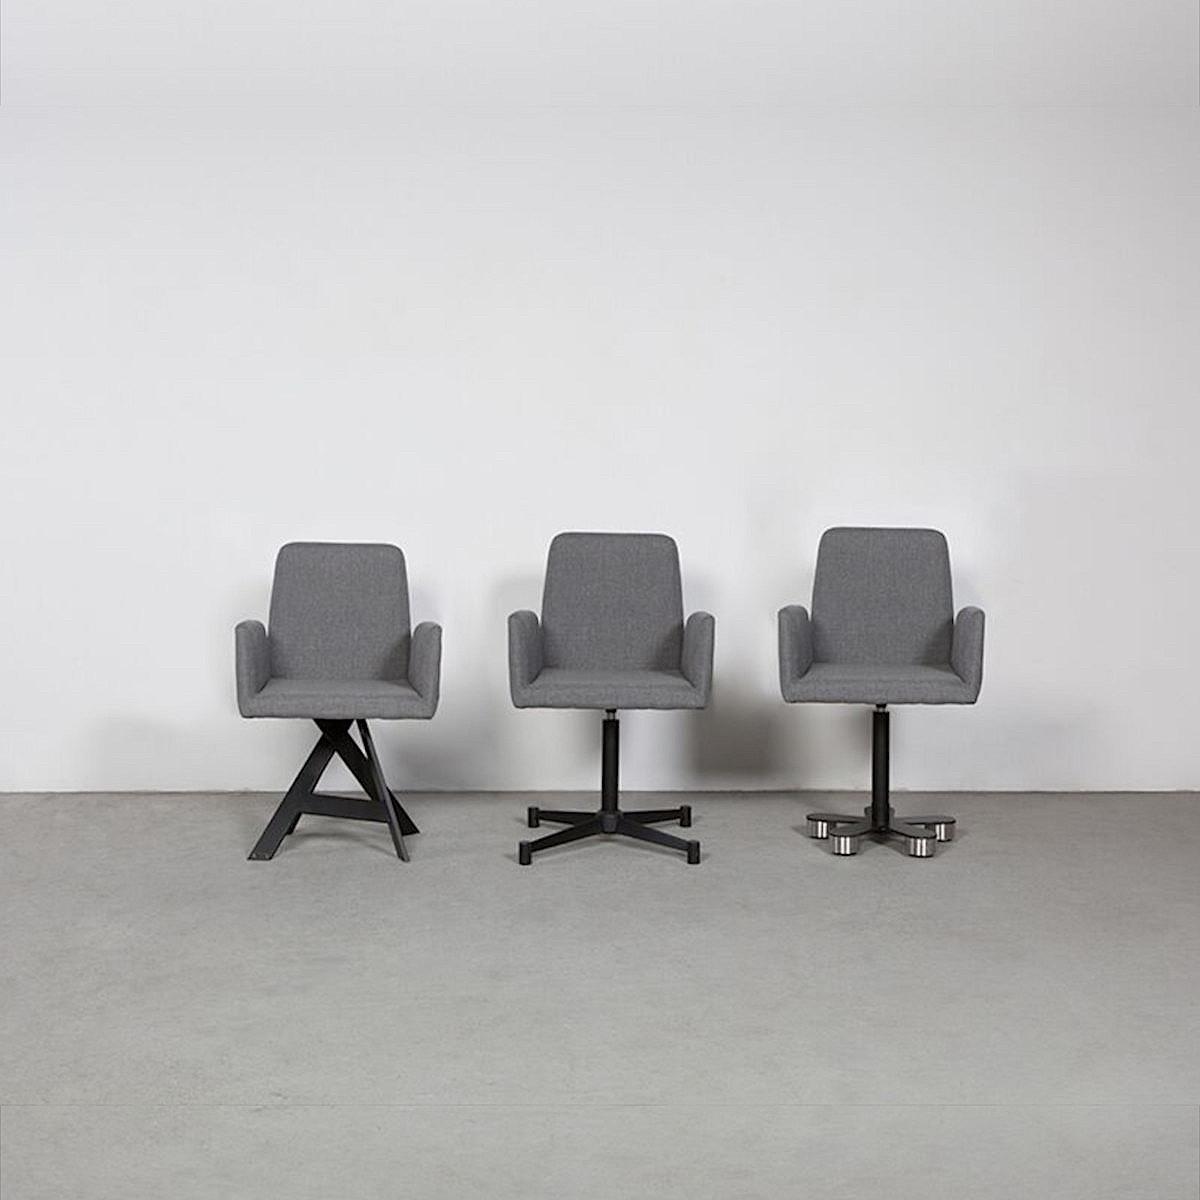 Wissmann Designerstühle 3 Varianten in grau / schwarz